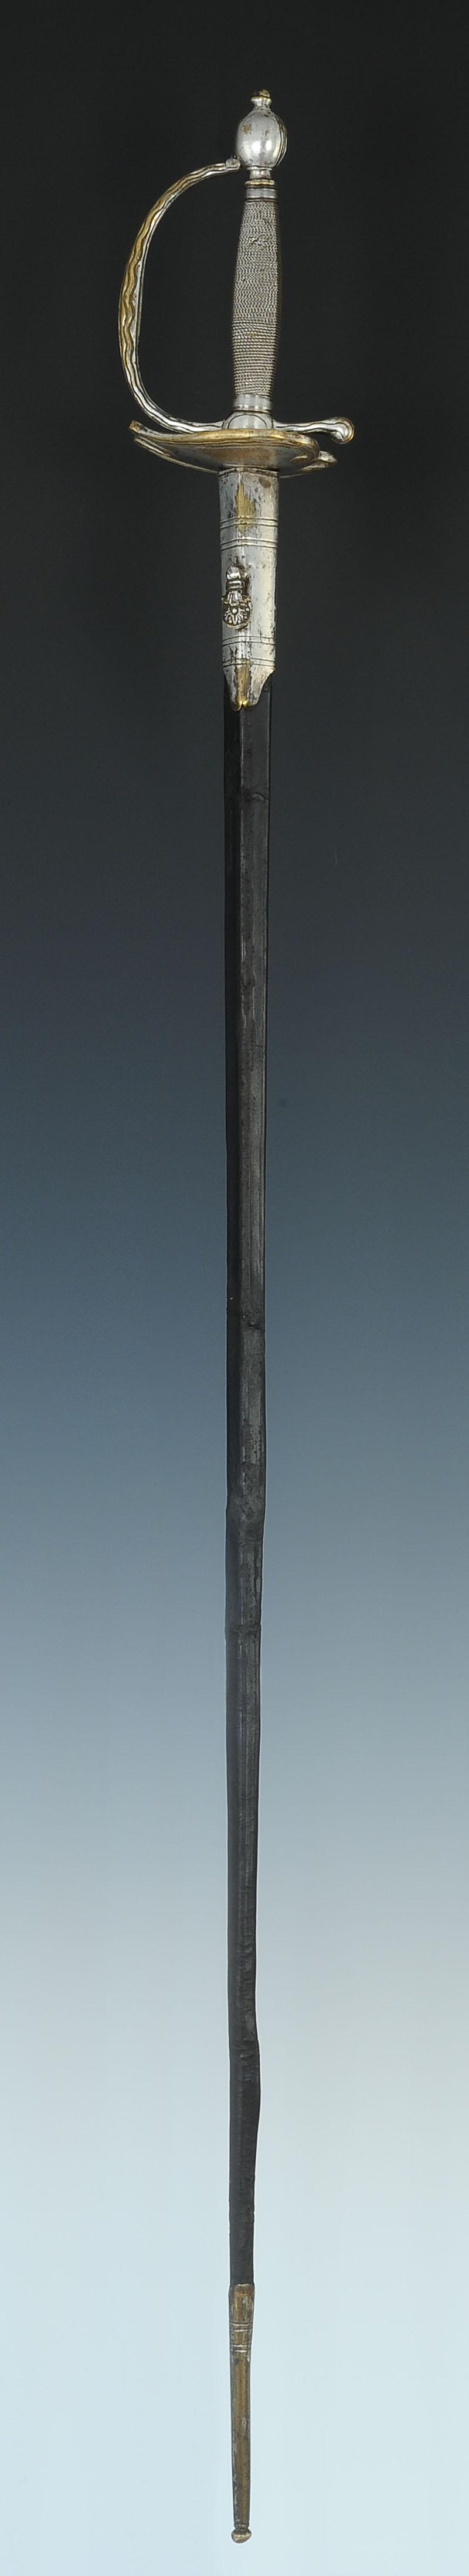 u00c9p u00c9e de garde du corps du roi  mod u00c8le 1814  restauration